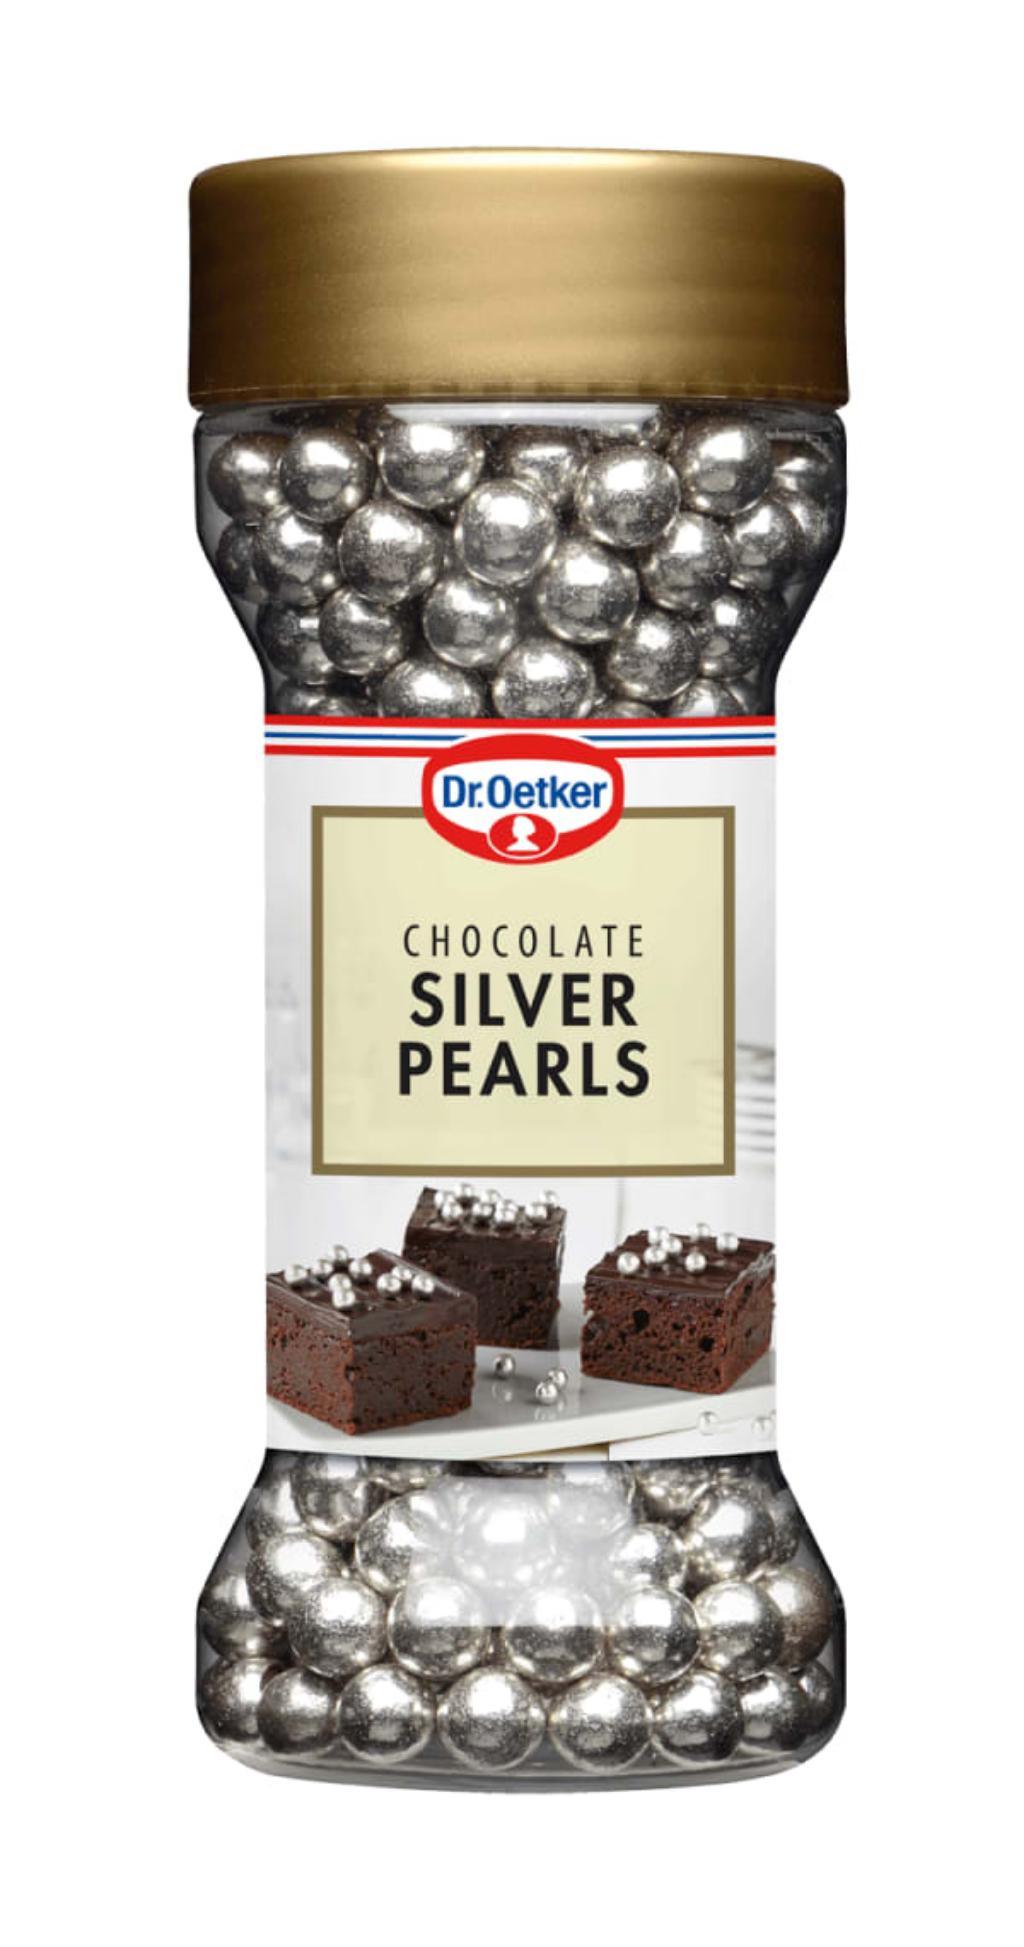 Återkallelse: Dr. Oetker, Chocolate Silver Pearls kan innehålla mjölkprotein